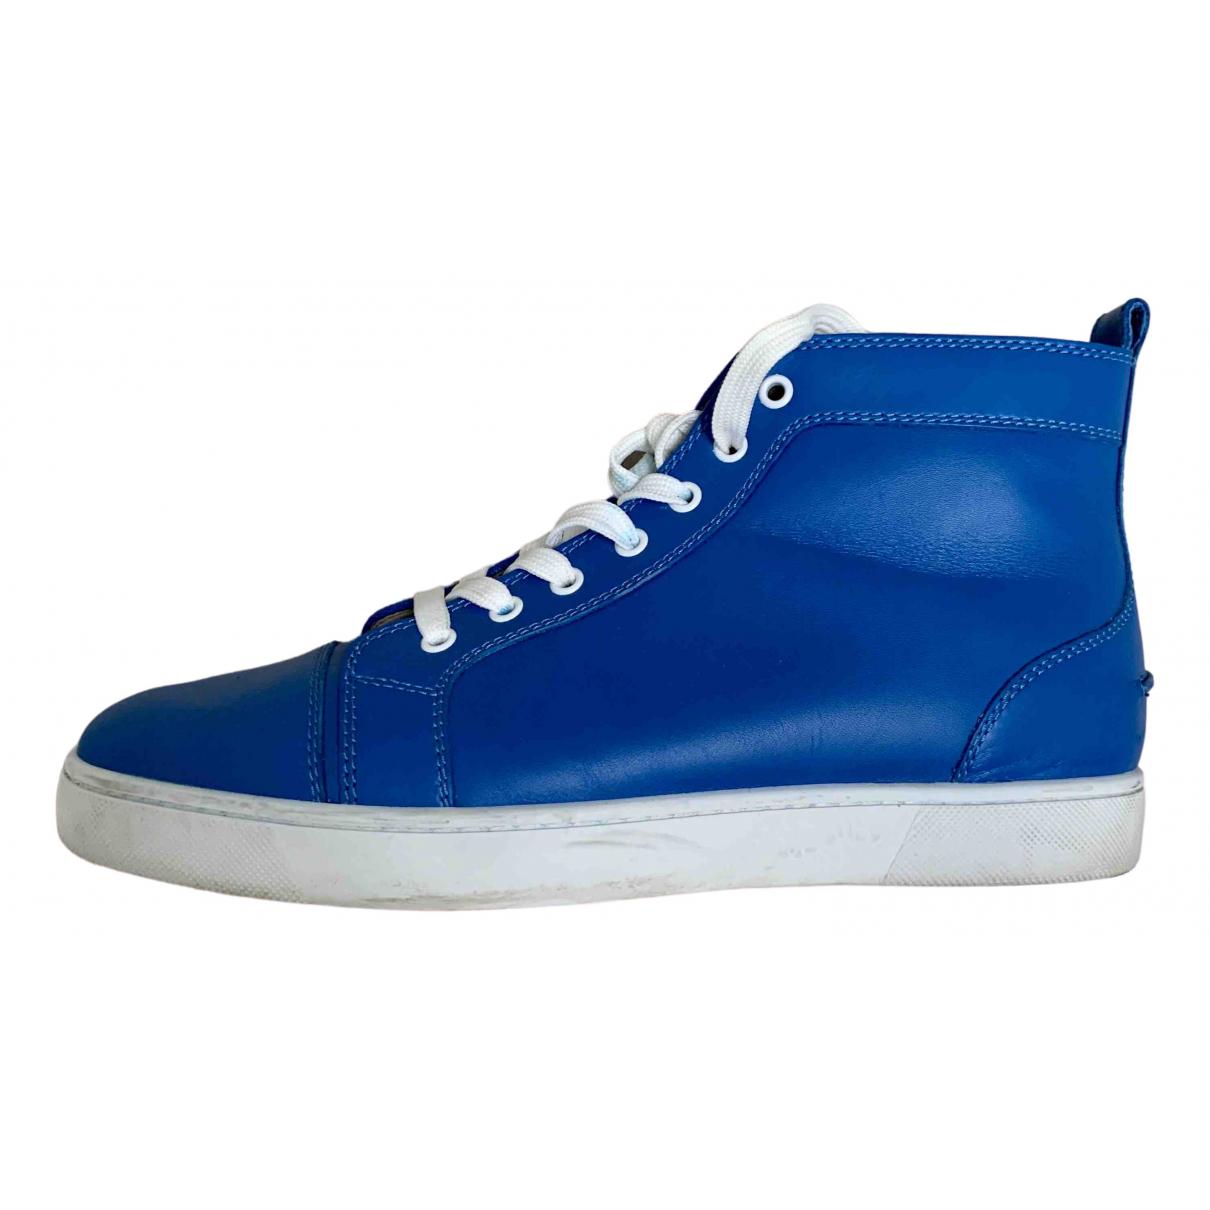 Christian Louboutin \N Sneakers in  Blau Leder